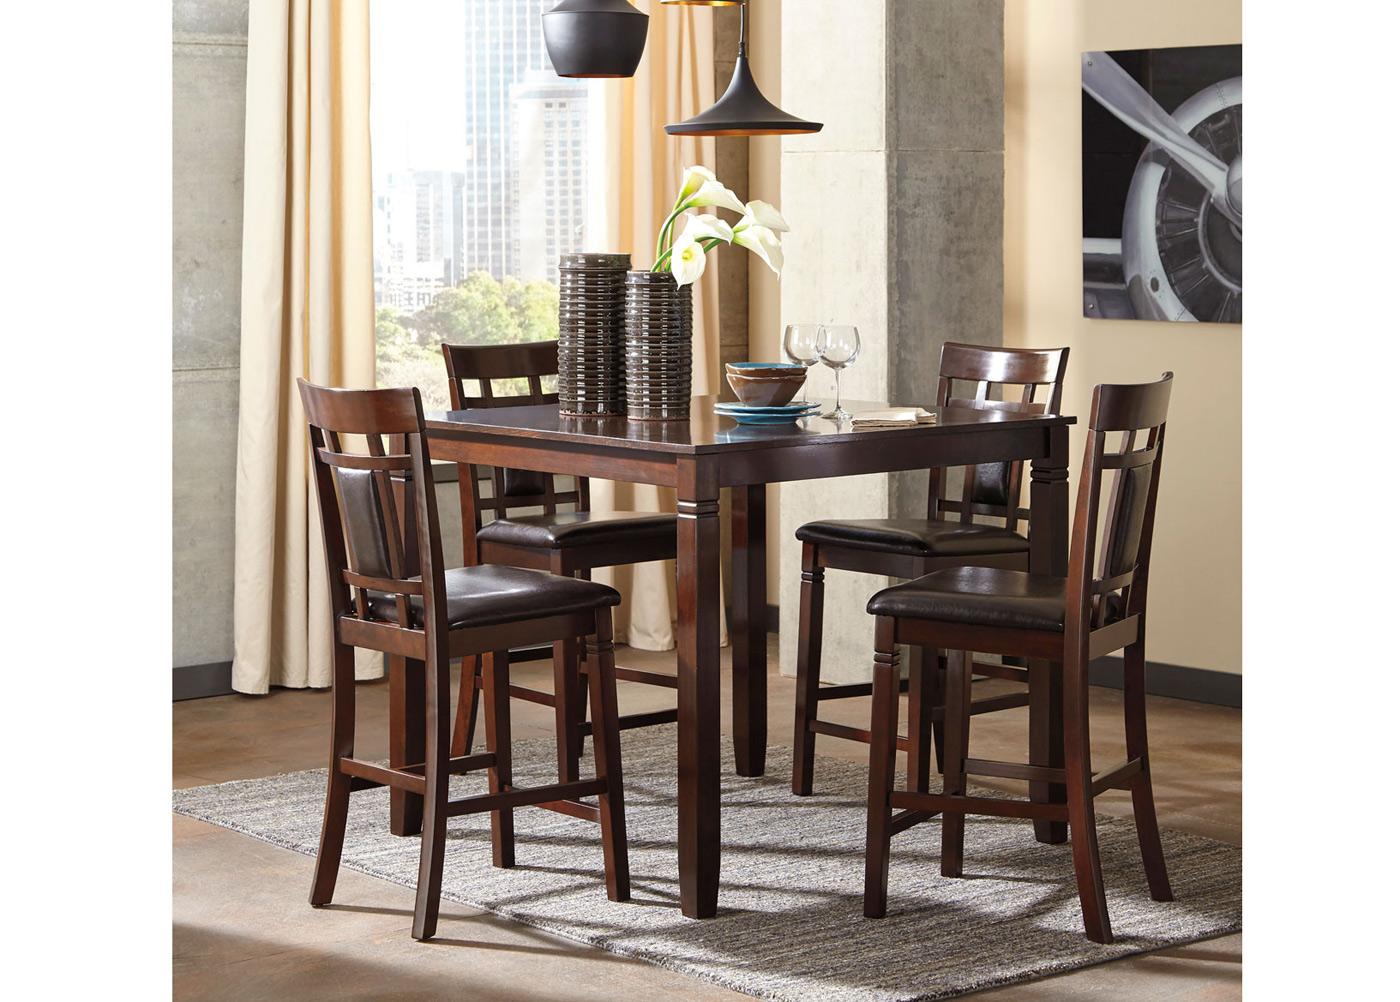 Baaripöytä 107x107 cm + 4 tuolia